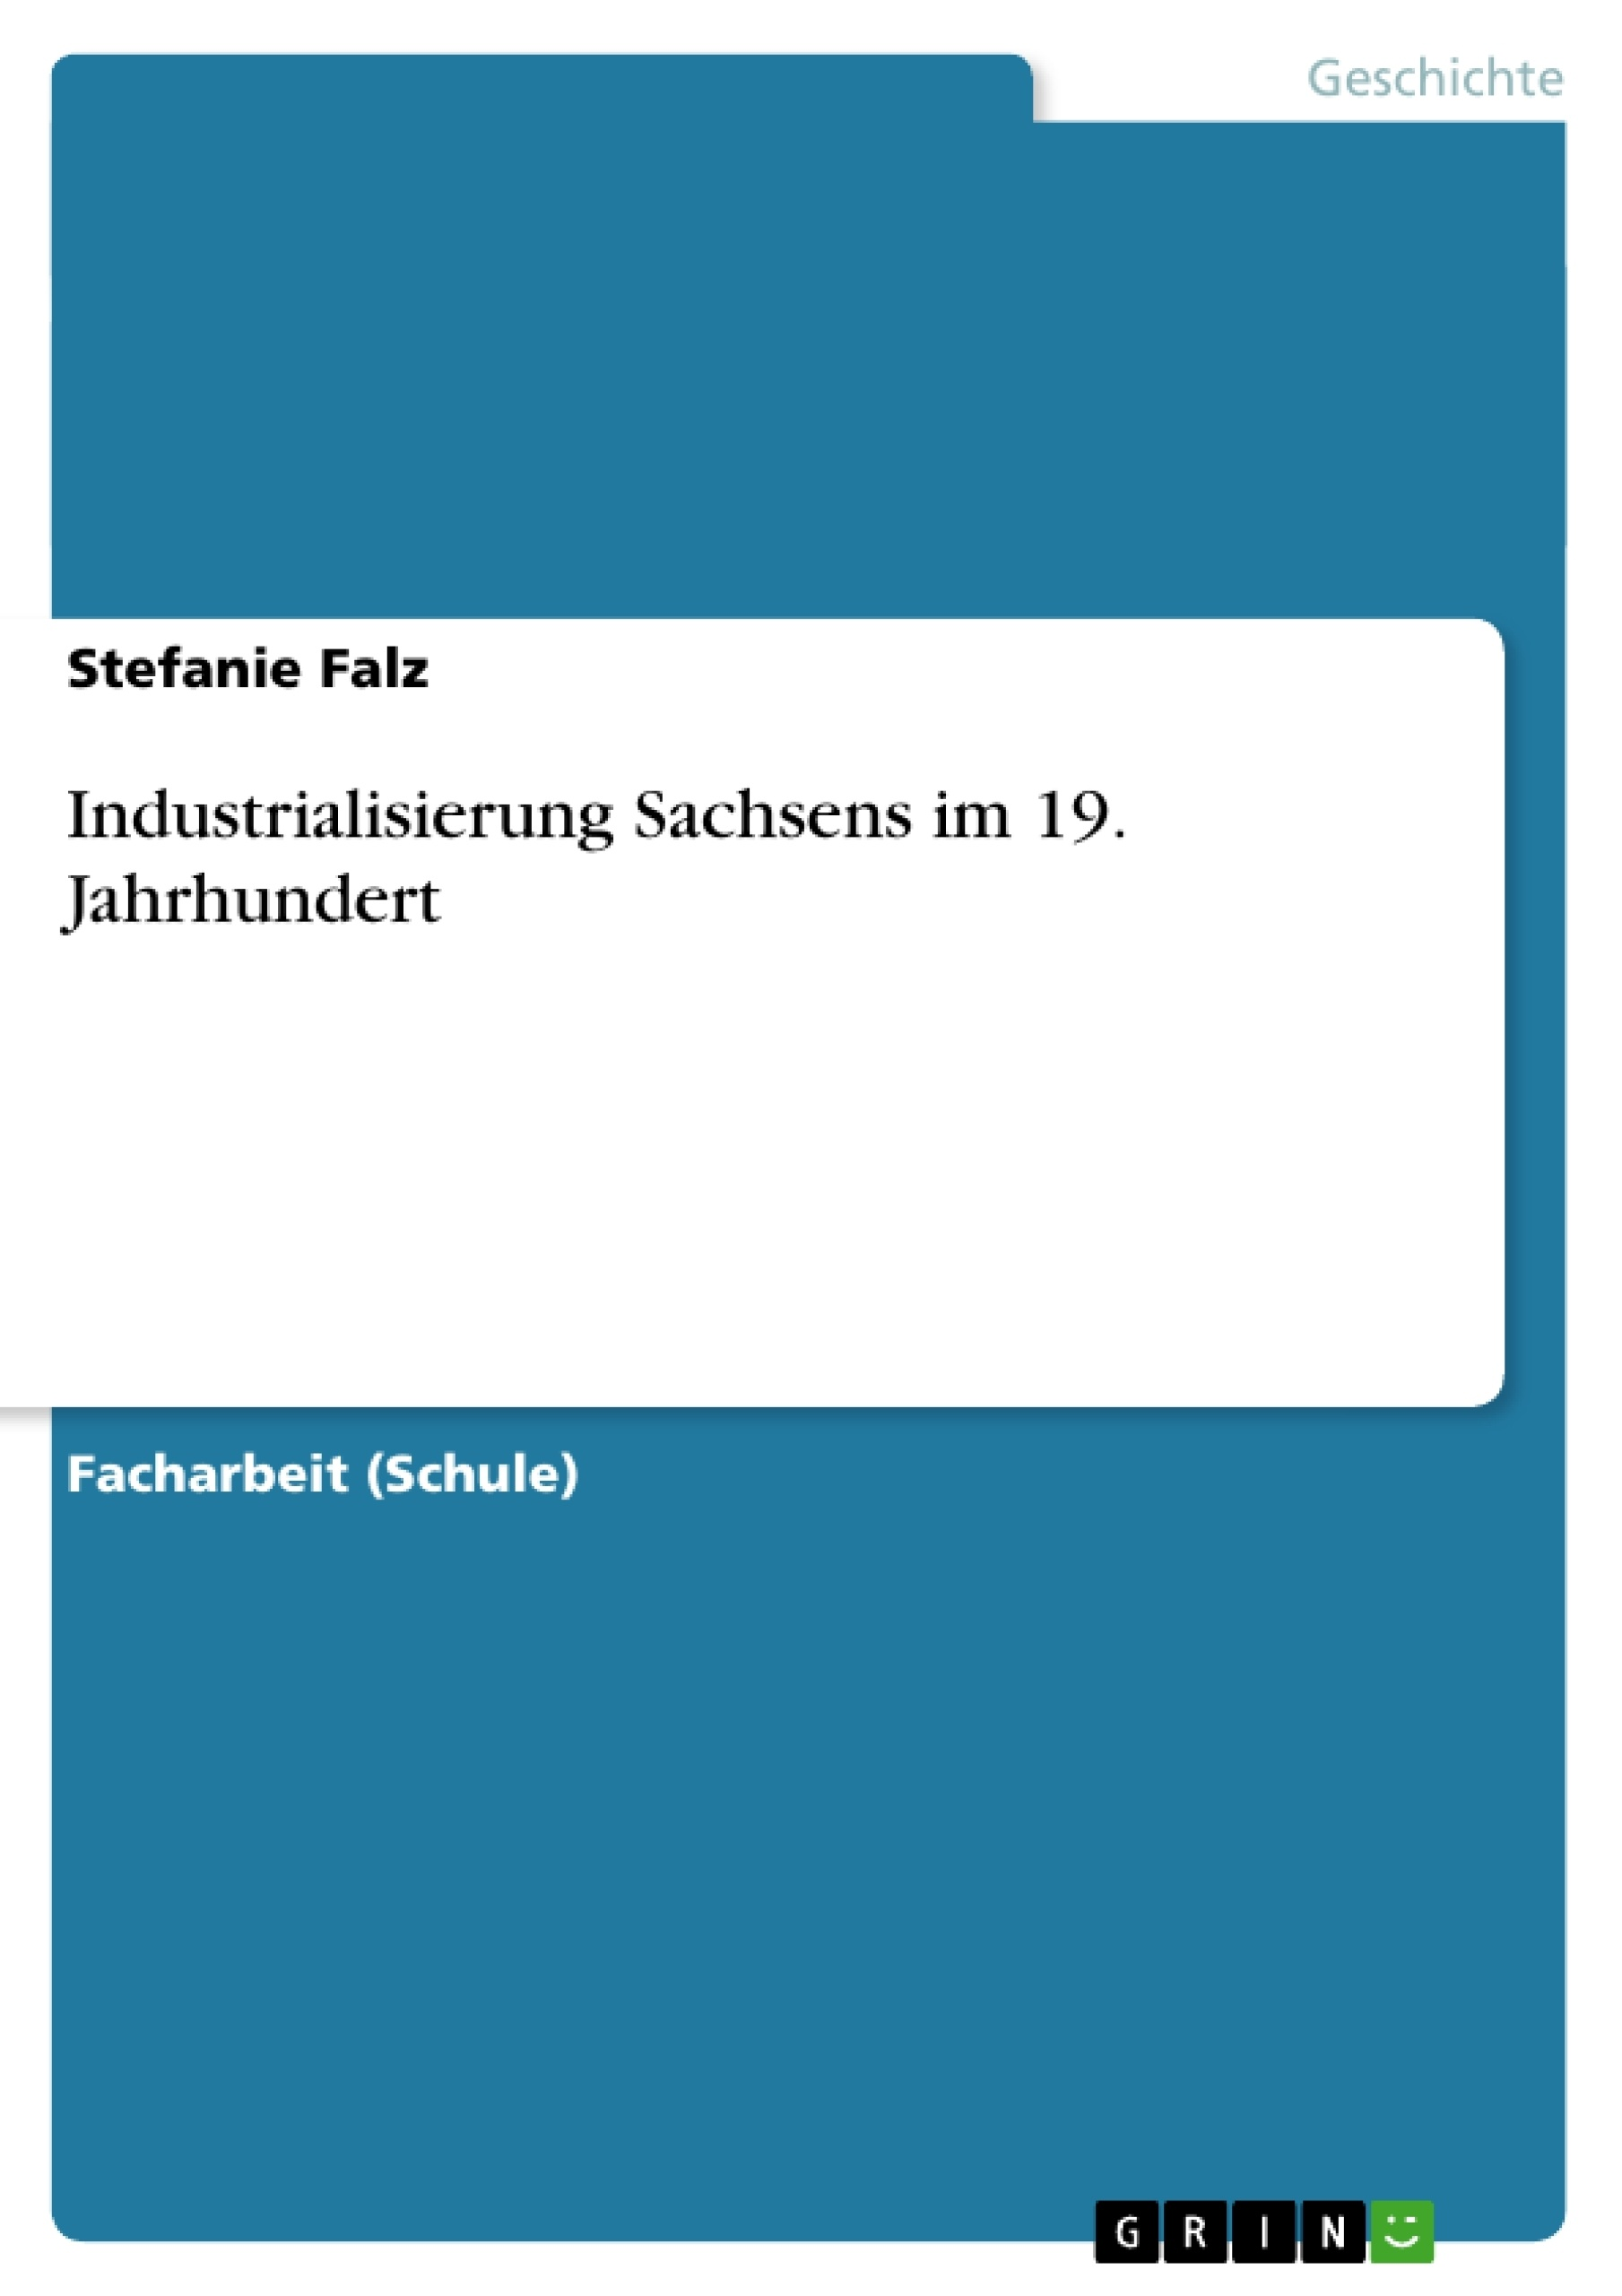 Titel: Industrialisierung Sachsens im 19. Jahrhundert